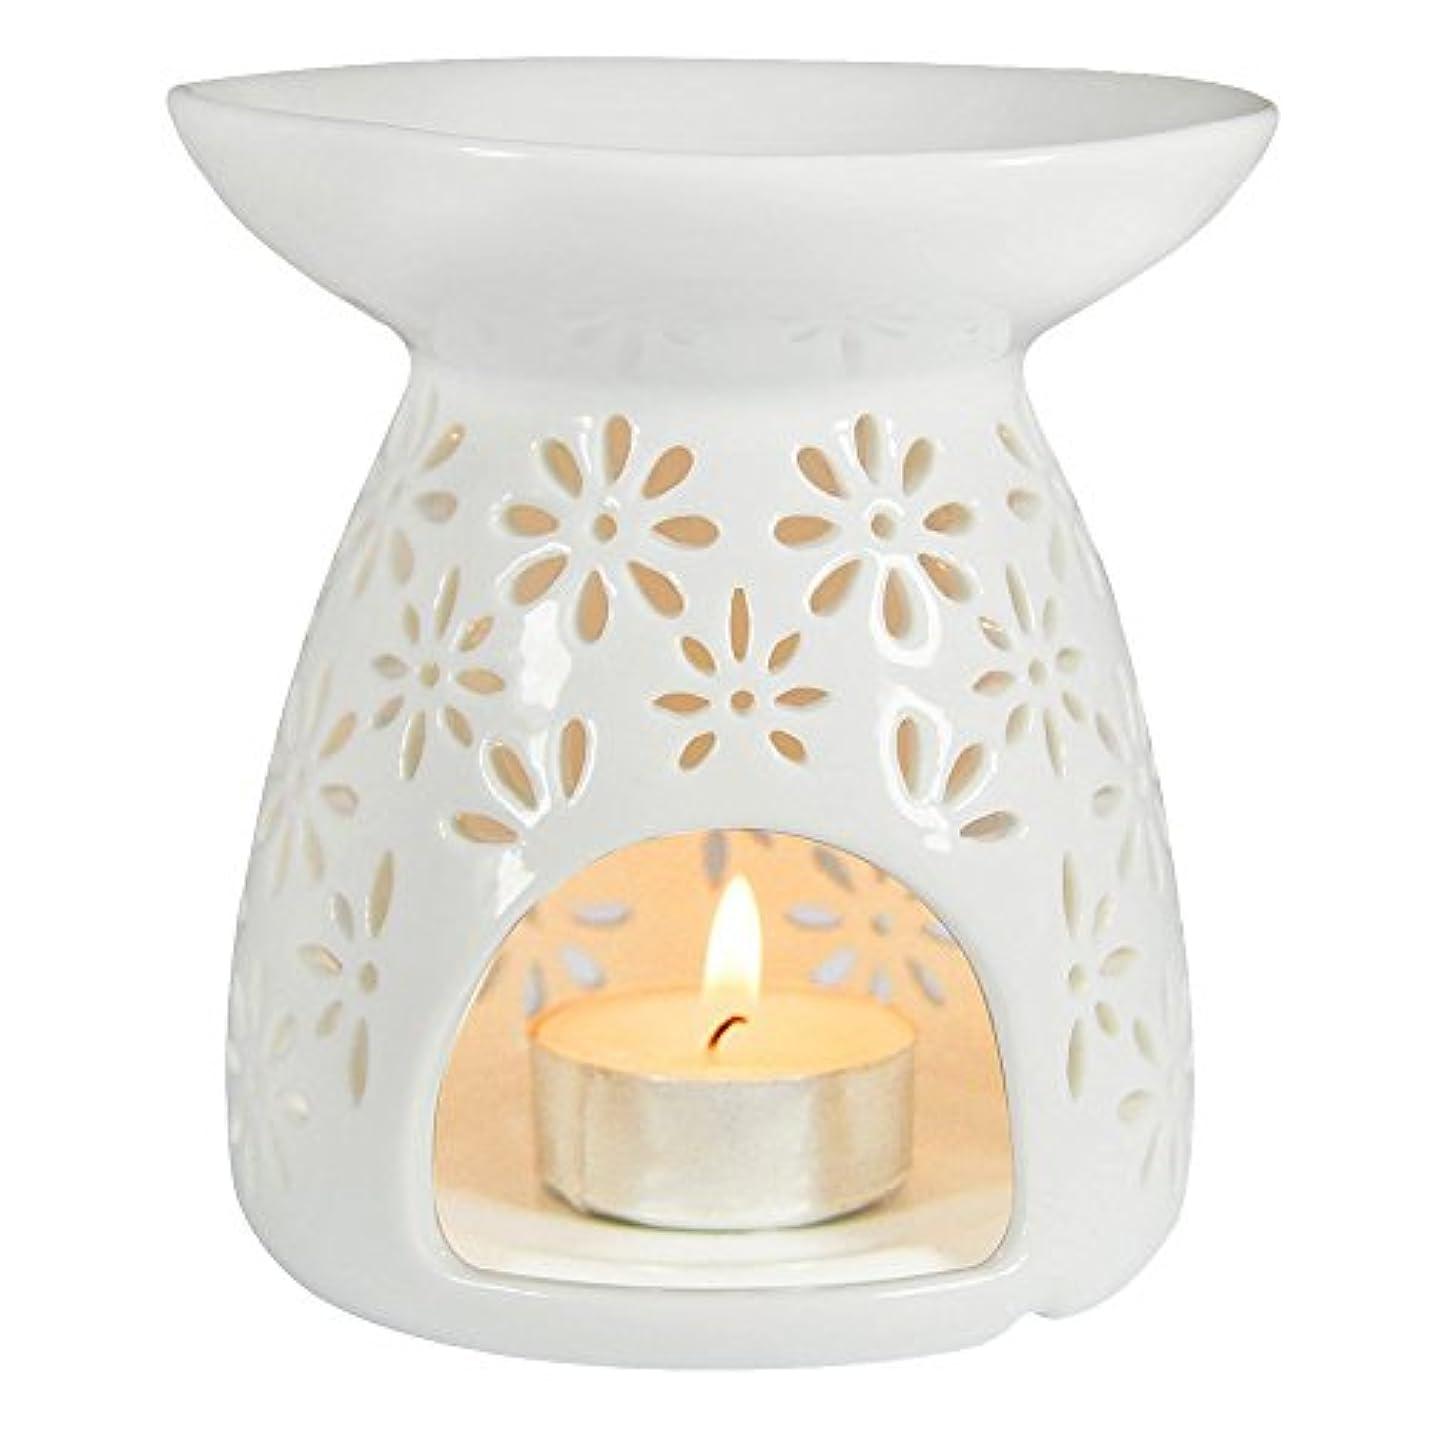 返還解決するスペイン(White) - ToiM Vase Shaped Milk White Ceramic Hollowing Floral Aroma Lamp Candle Warmers Fragrance Warmer Oil...